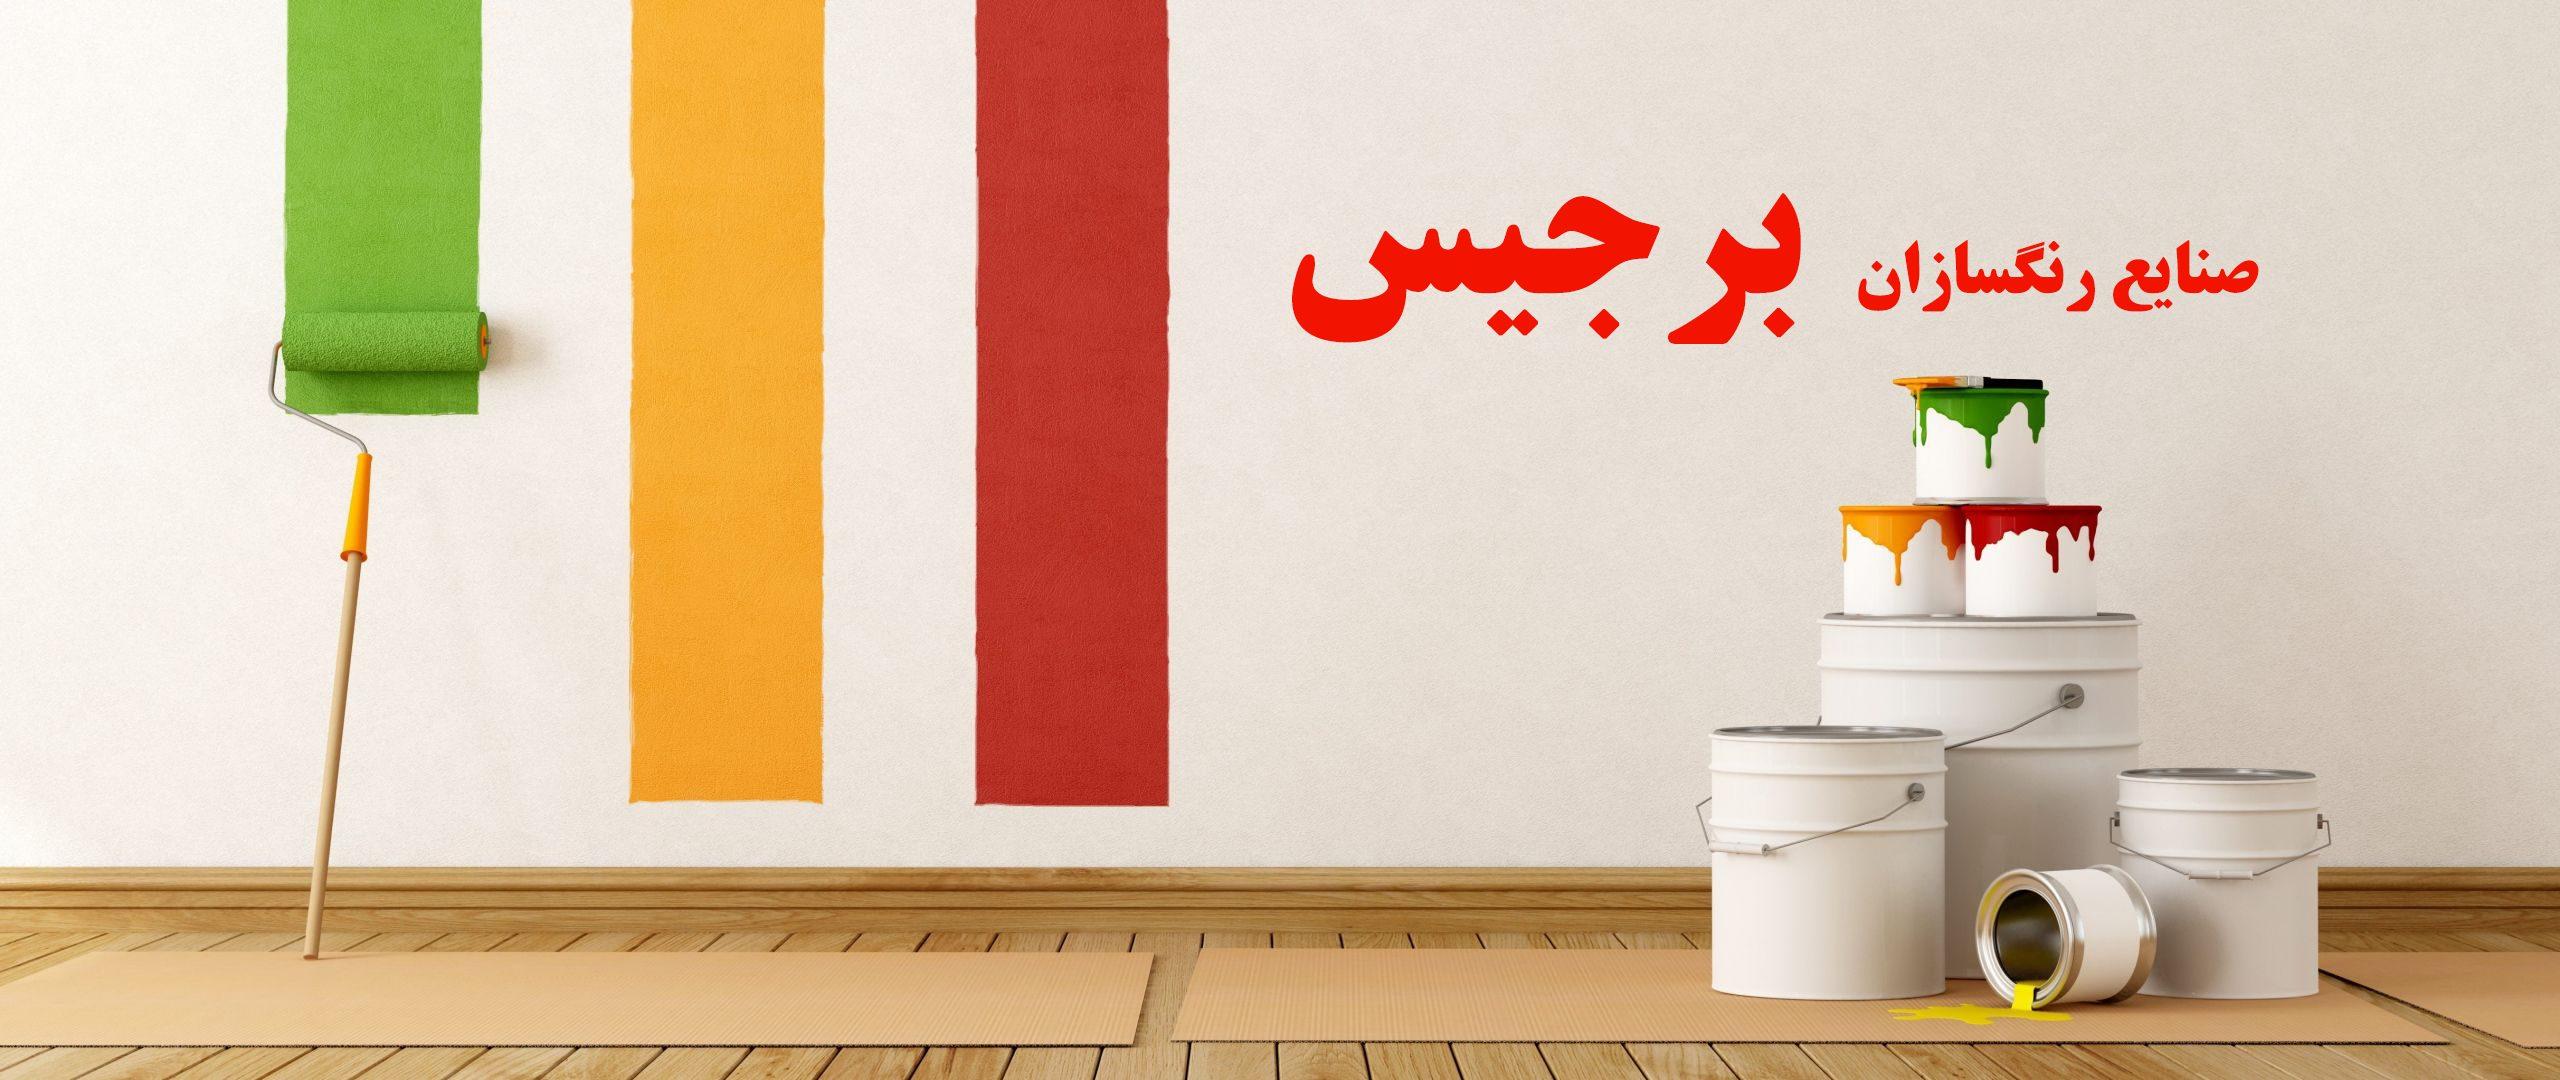 شرکت رنگسازان برجیس